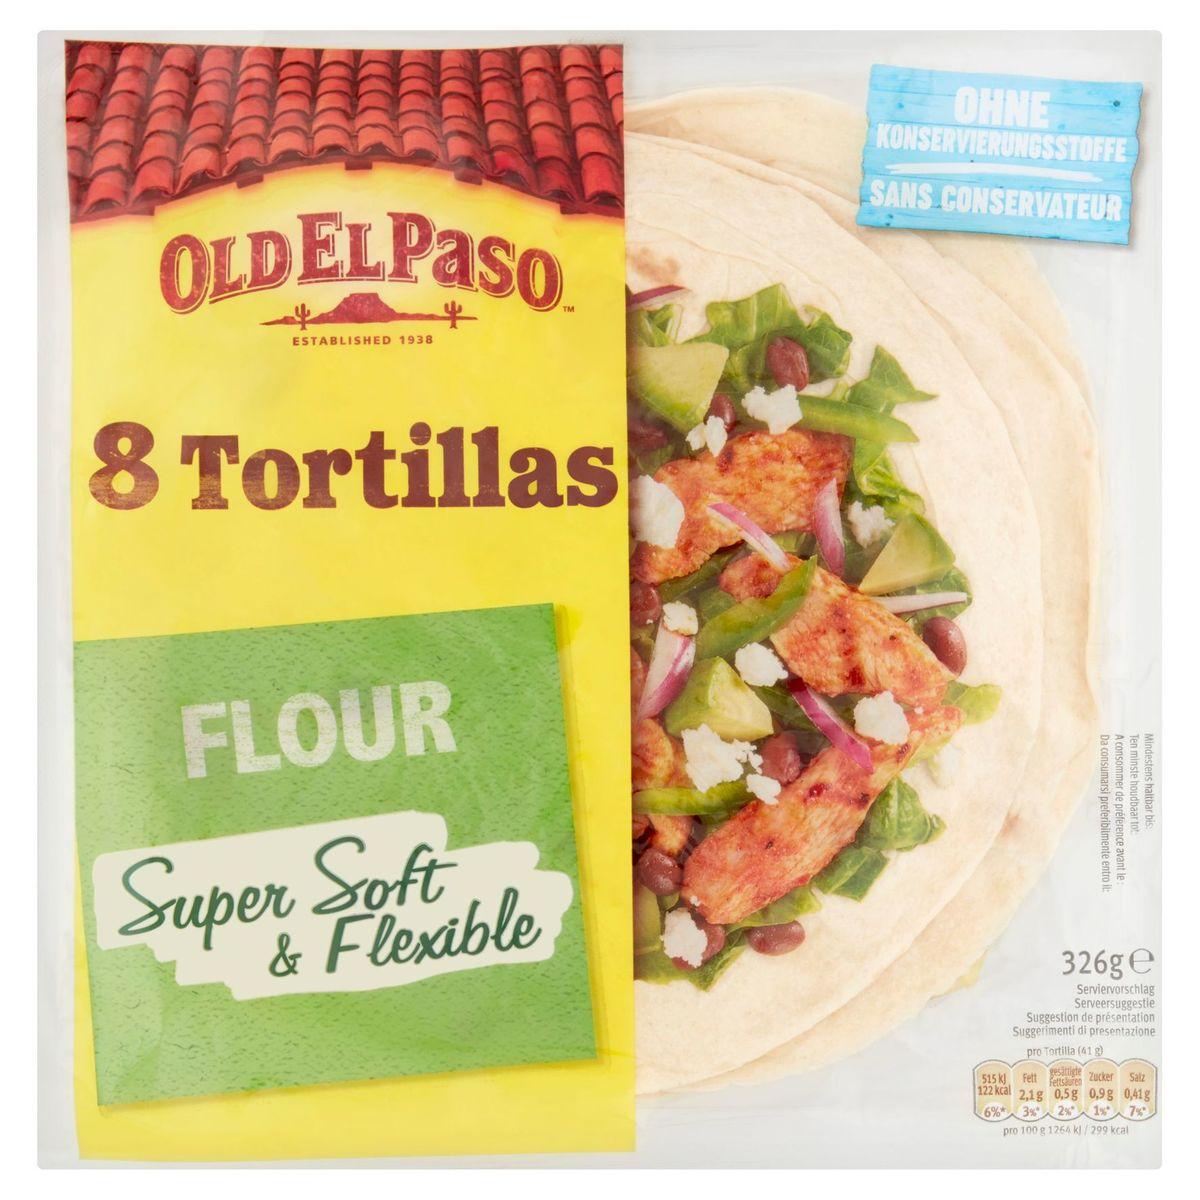 Old El Paso 8 Tortillas Flour 326 g